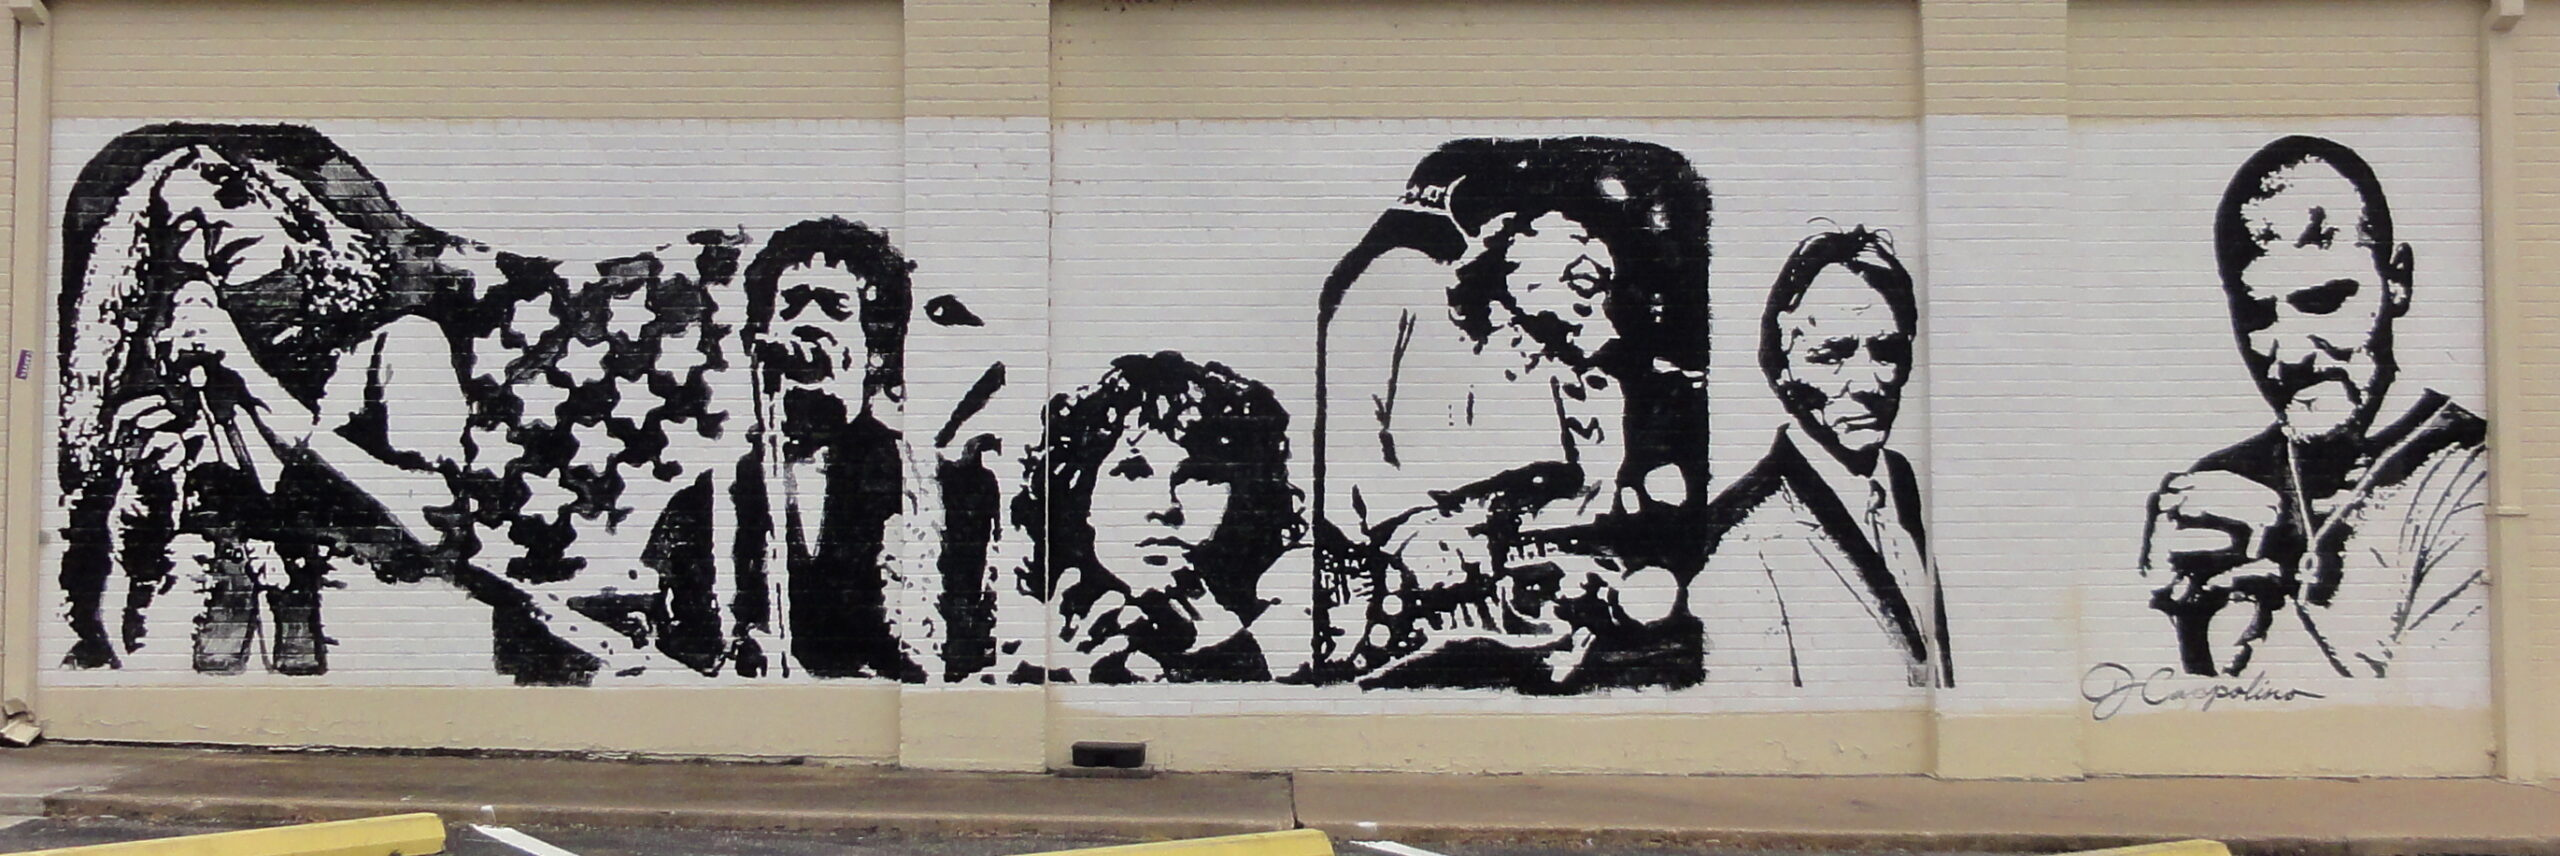 B&W Musicians Mural